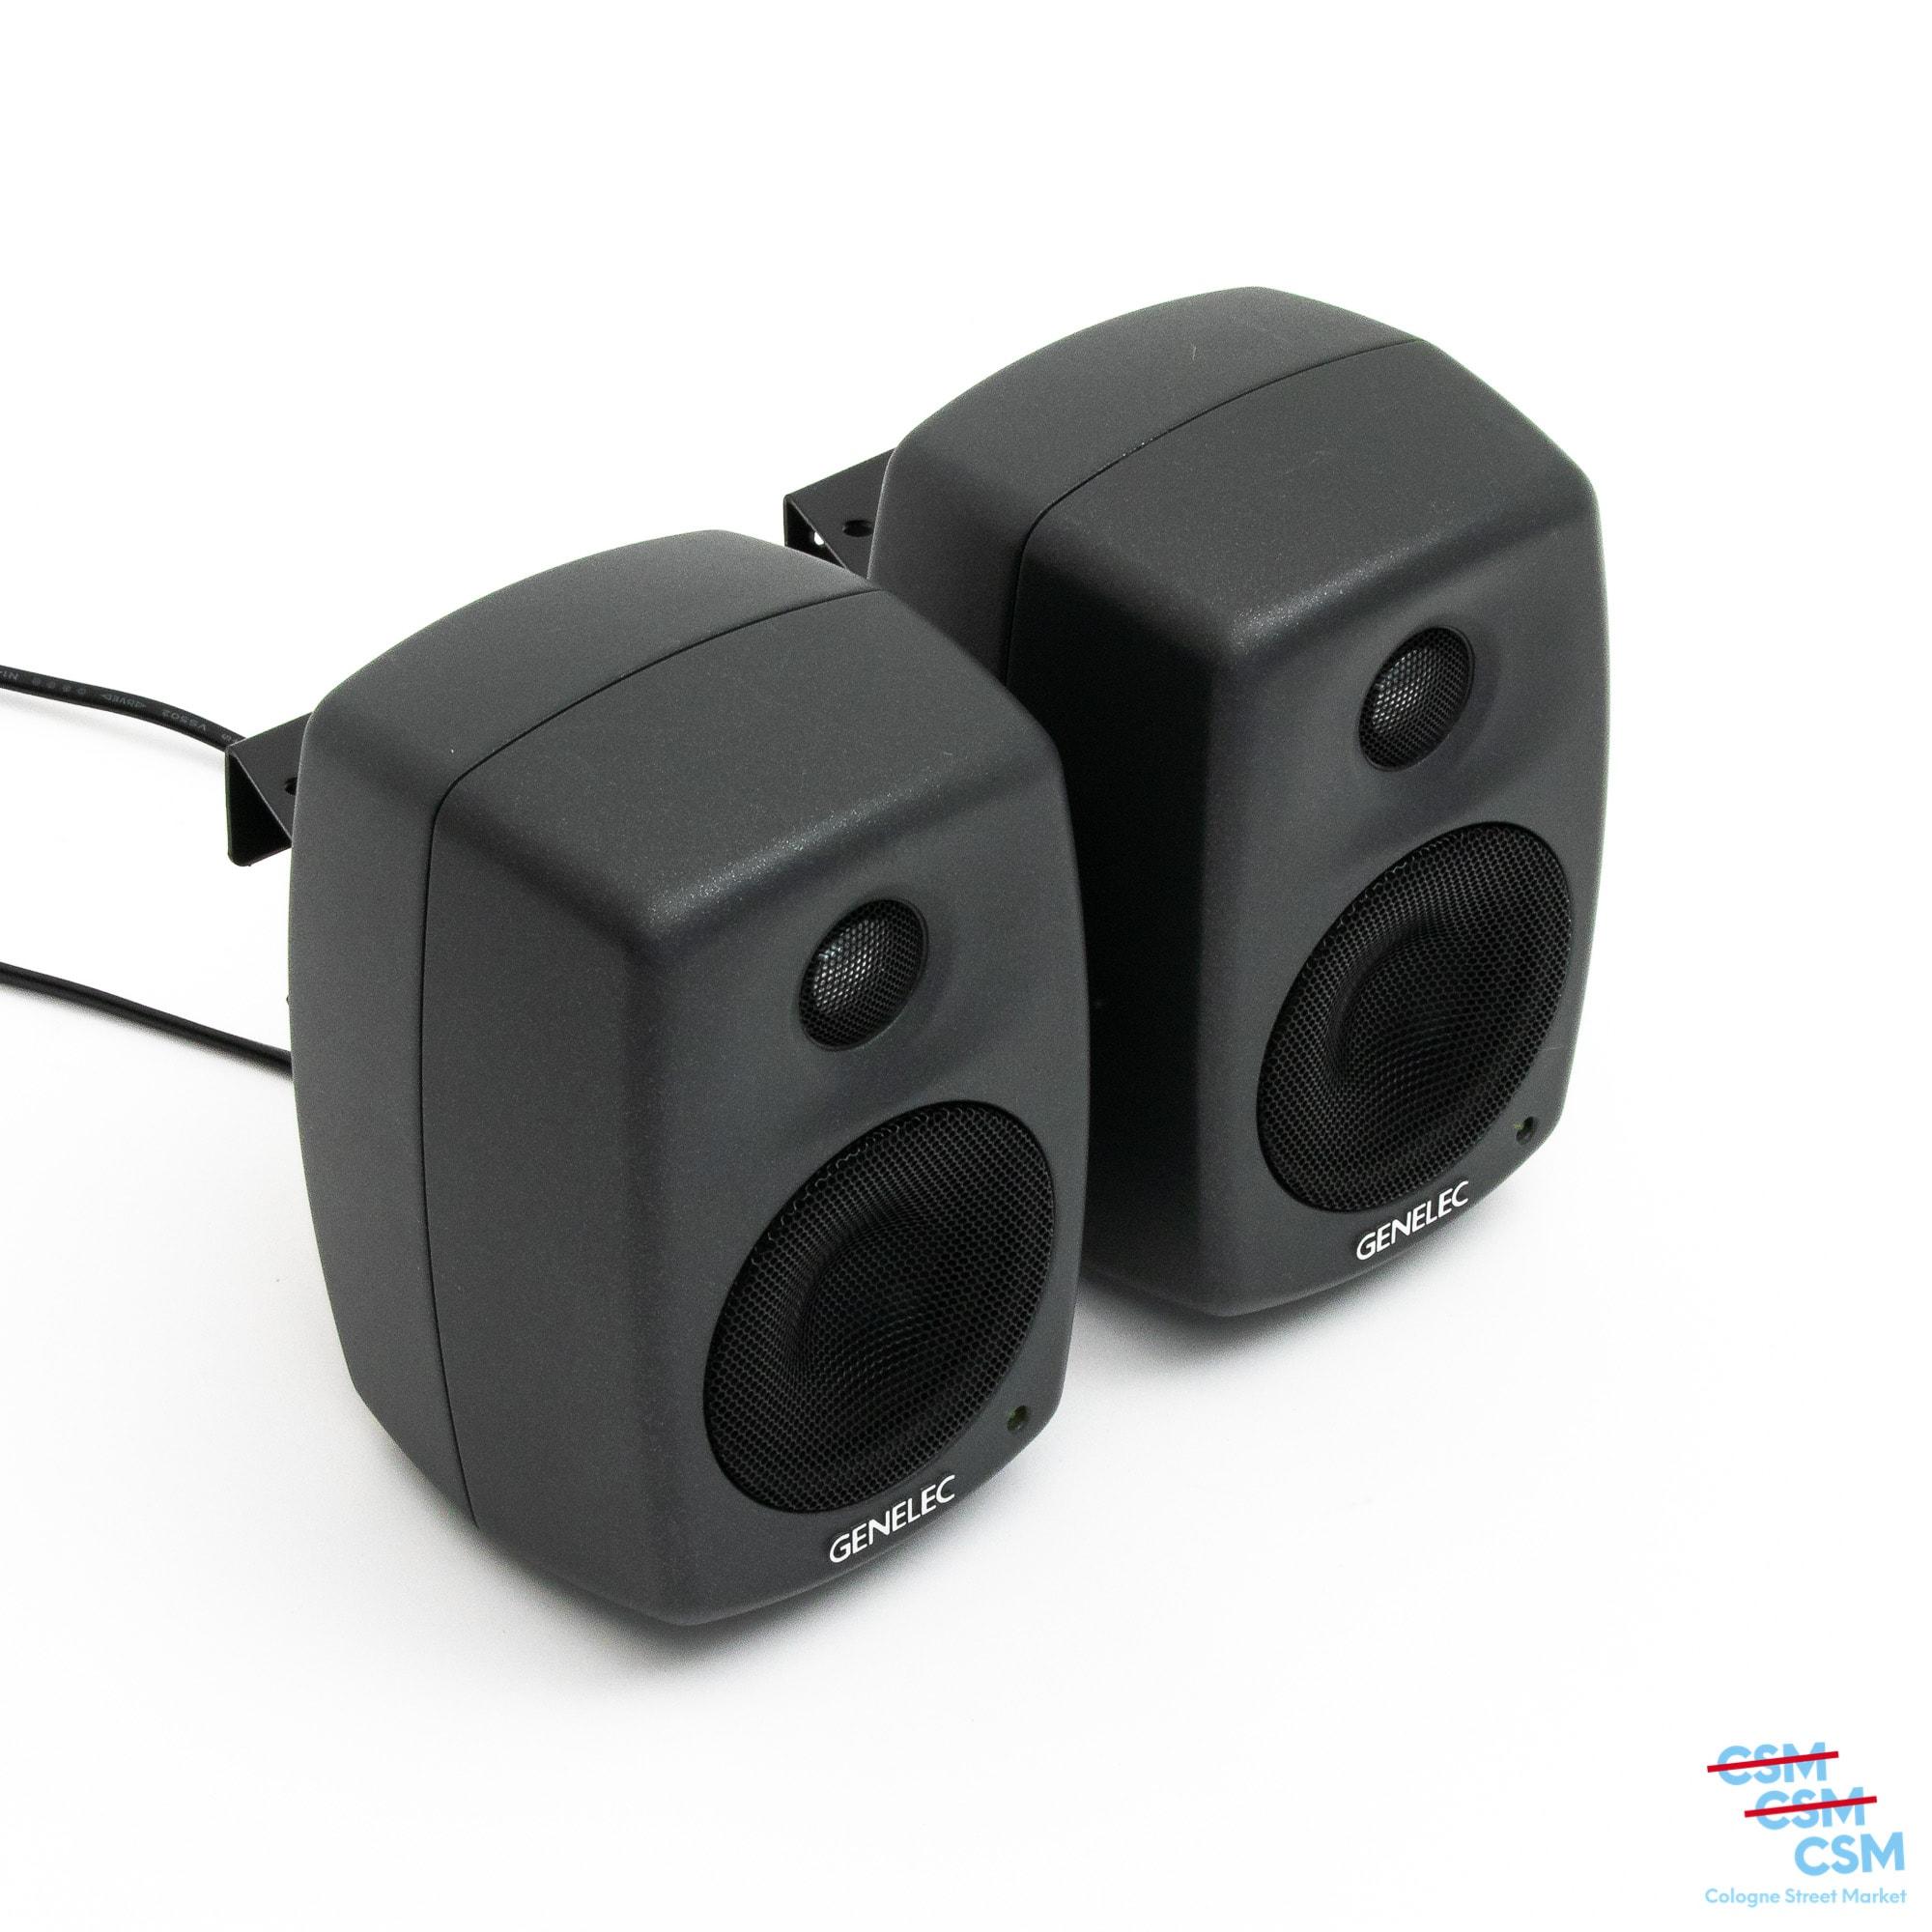 2er-Paket-Genelec-6010A-Grau-ohne-Füße-gebraucht-kaufen